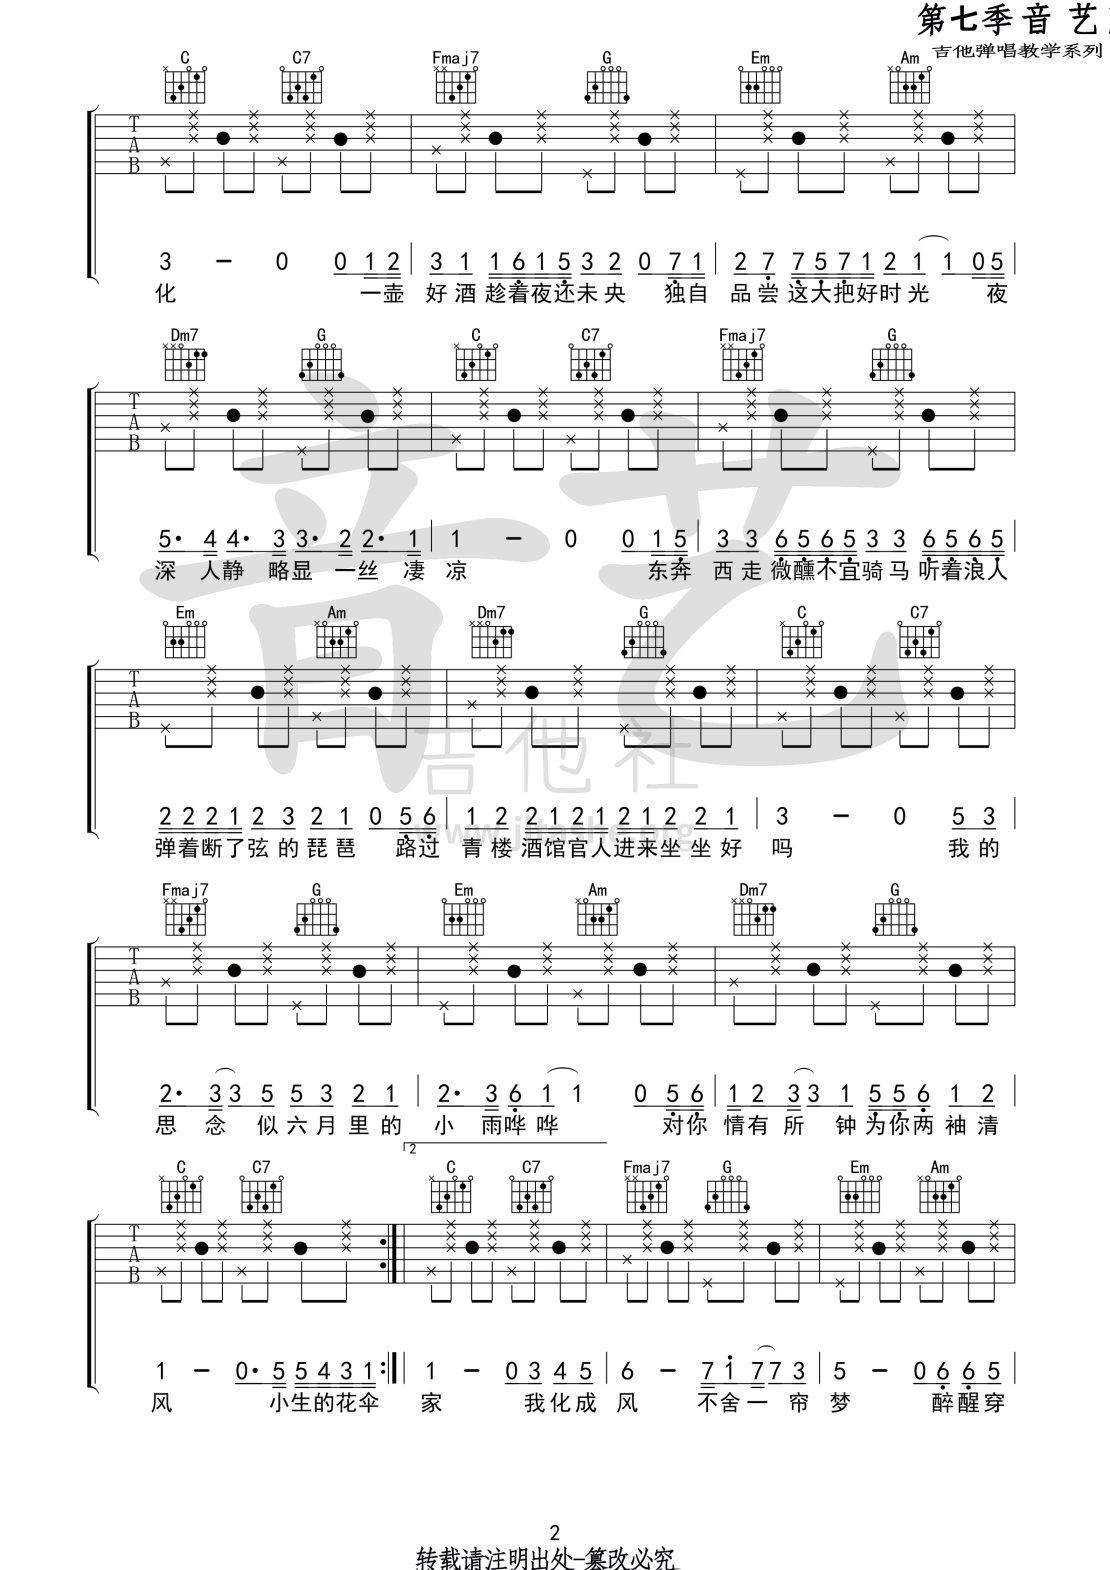 浪人琵琶(音艺吉他弹唱教学:第七季第62集)吉他谱(图片谱,弹唱,音艺吉他弹唱教学)_胡66_浪人琵琶2 第七季第六十二集.jpg